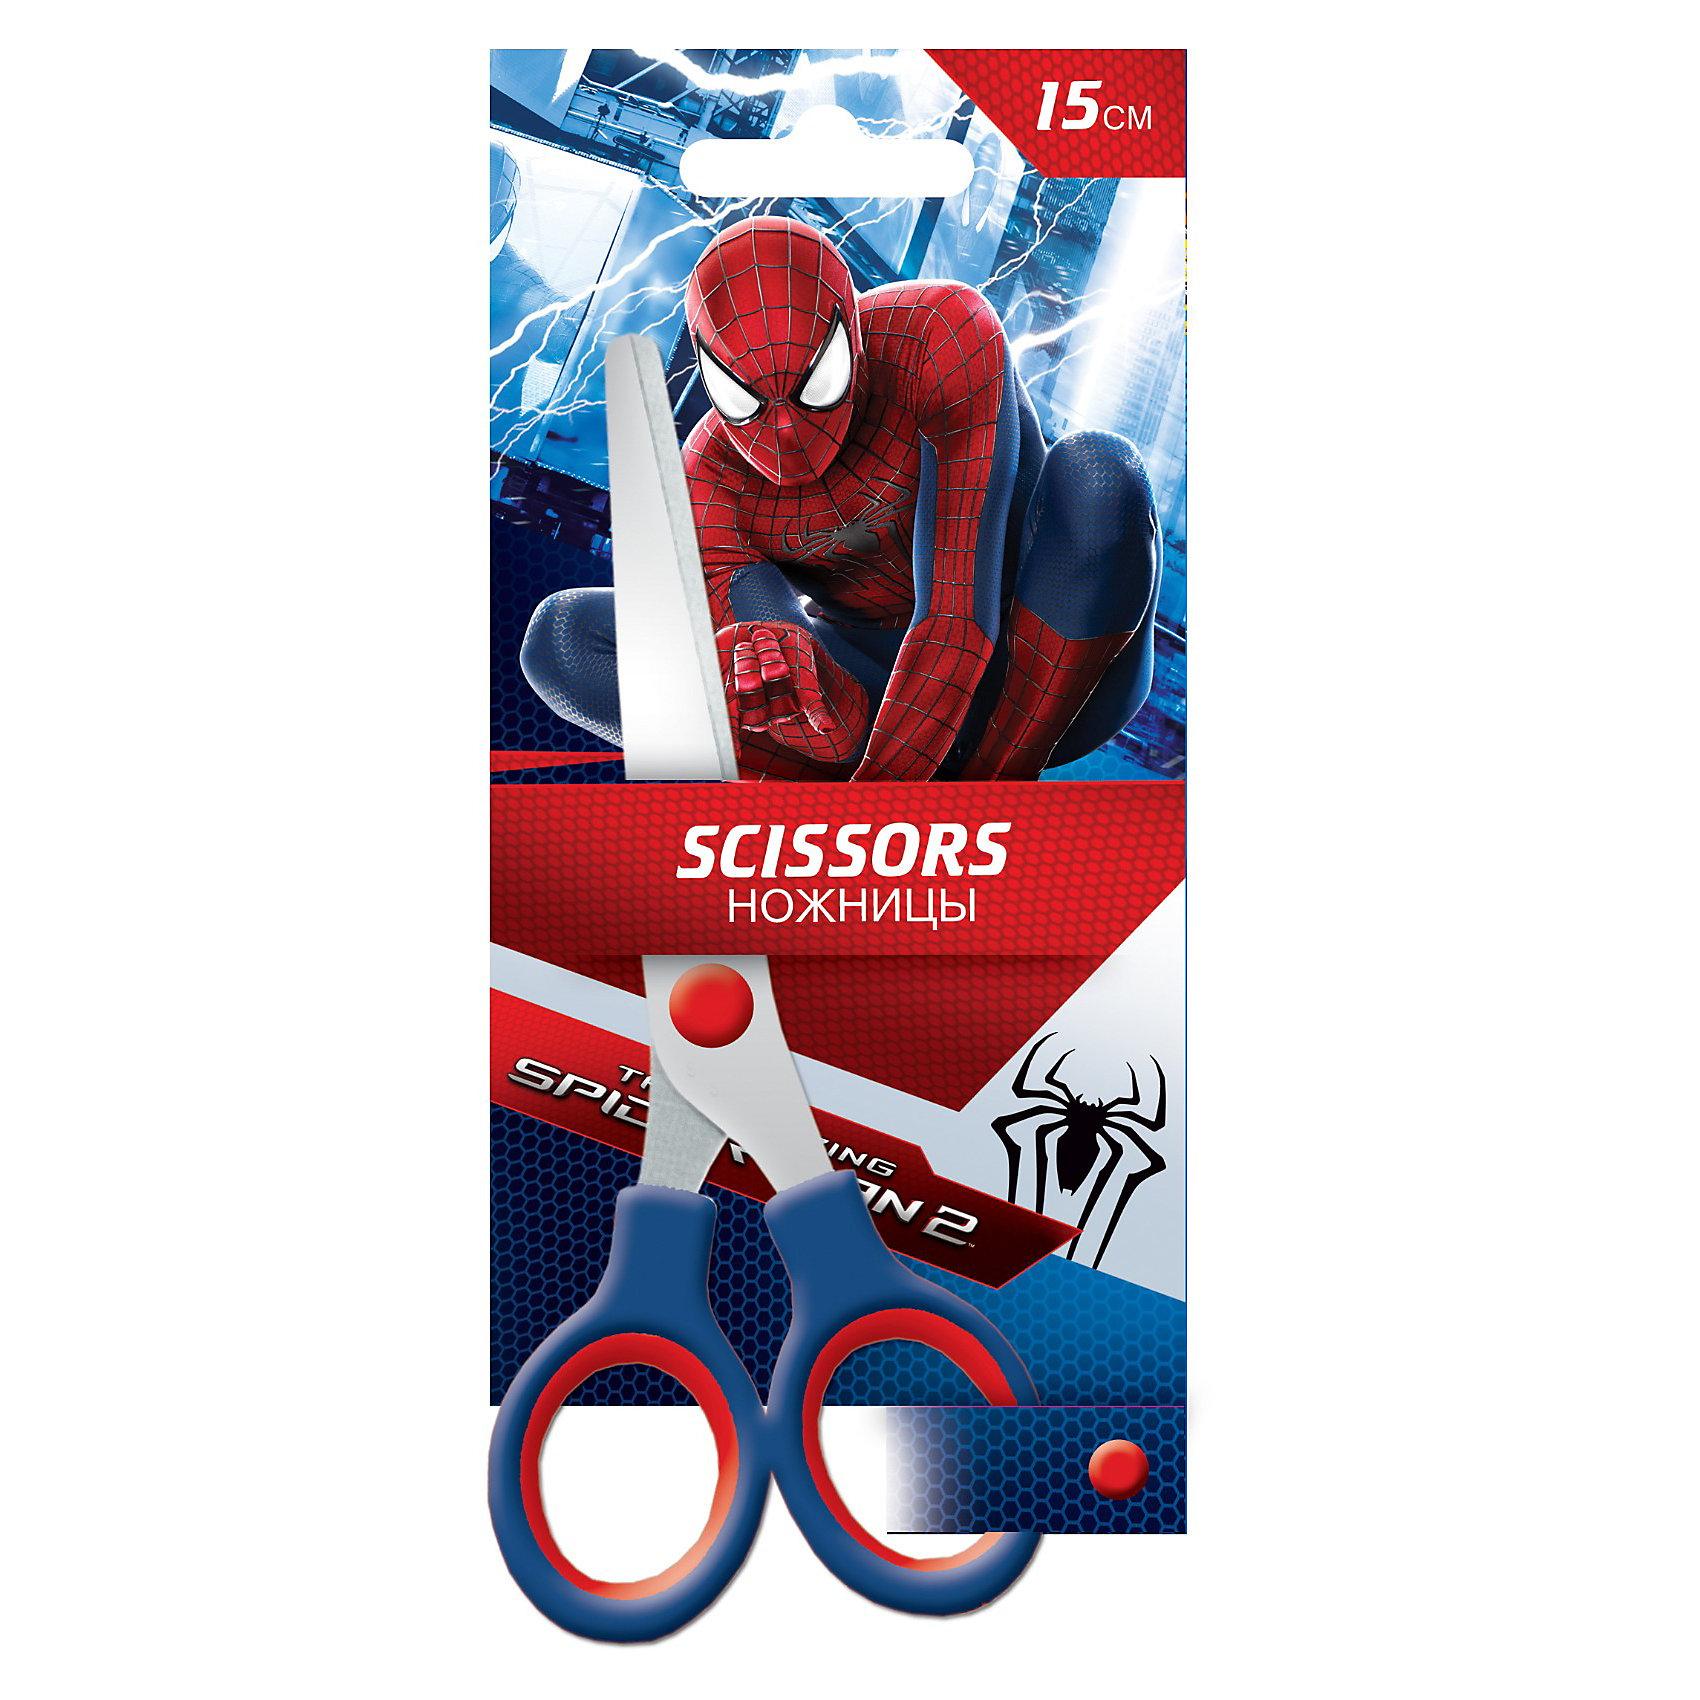 Ножницы, 15 см, Человек-ПаукЧеловек-Паук<br>Ножницы, 15 см, Человек-паук — необходимая вещь на уроках труда. Удобные ручки, компактный размер. Ножницы изготовлены из нержавеющей стали. Упаковка иллюстрирована изображением с героем комиксов — Человеком-Пауком, что несомненно порадует юных героев.<br><br>Яркий аксессуар, который обязательно понравится поклонникам Человека-Паука!<br><br>Дополнительная информация:<br><br>- Упаковка: блистер<br>- Нержавеющая сталь<br>- Гравировка логотипа на лезвиях<br>- Удобные ручки<br>- Размер упаковки: 18 х 8 х 1 см<br>- Вес: 40 г.<br><br>Ножницы, 15 см, Человек-паук (Spider-Man) можно купить в нашем интернет-магазине.<br><br>Ширина мм: 180<br>Глубина мм: 80<br>Высота мм: 10<br>Вес г: 37<br>Возраст от месяцев: 48<br>Возраст до месяцев: 84<br>Пол: Мужской<br>Возраст: Детский<br>SKU: 3563076